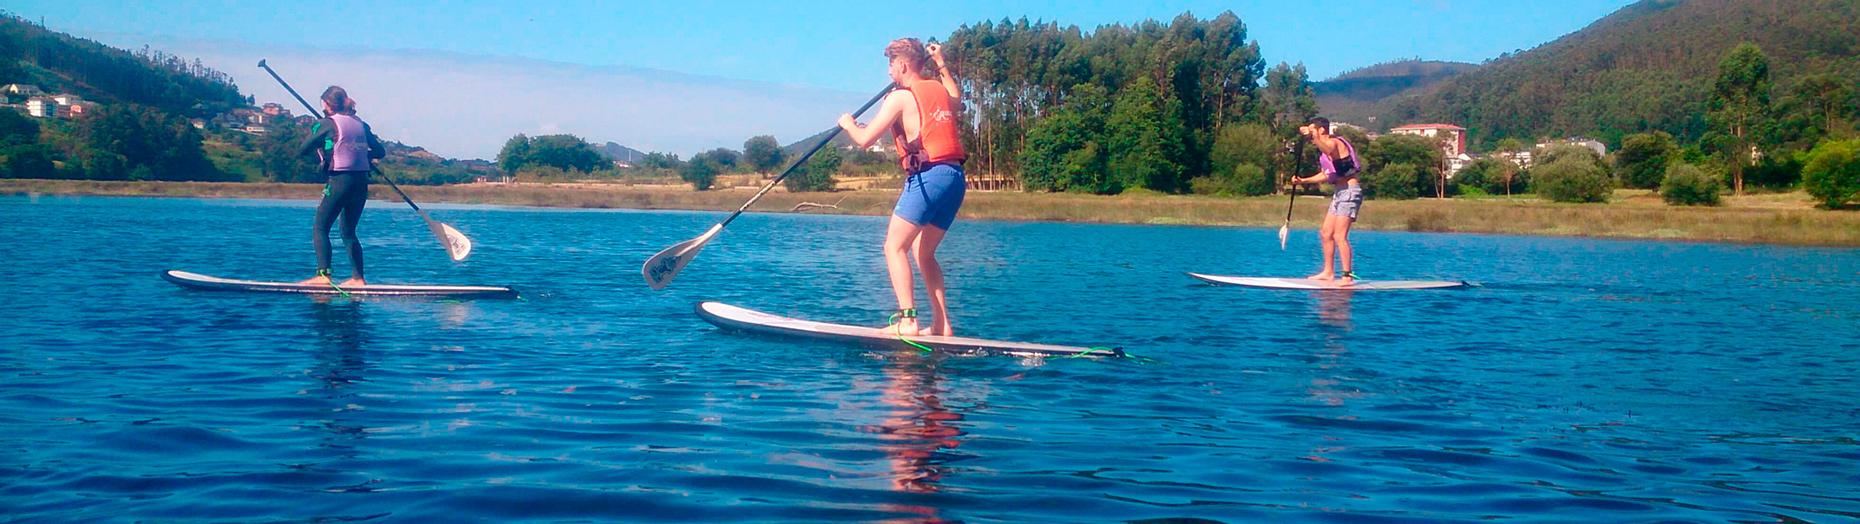 Deporte y aventura en Galicia